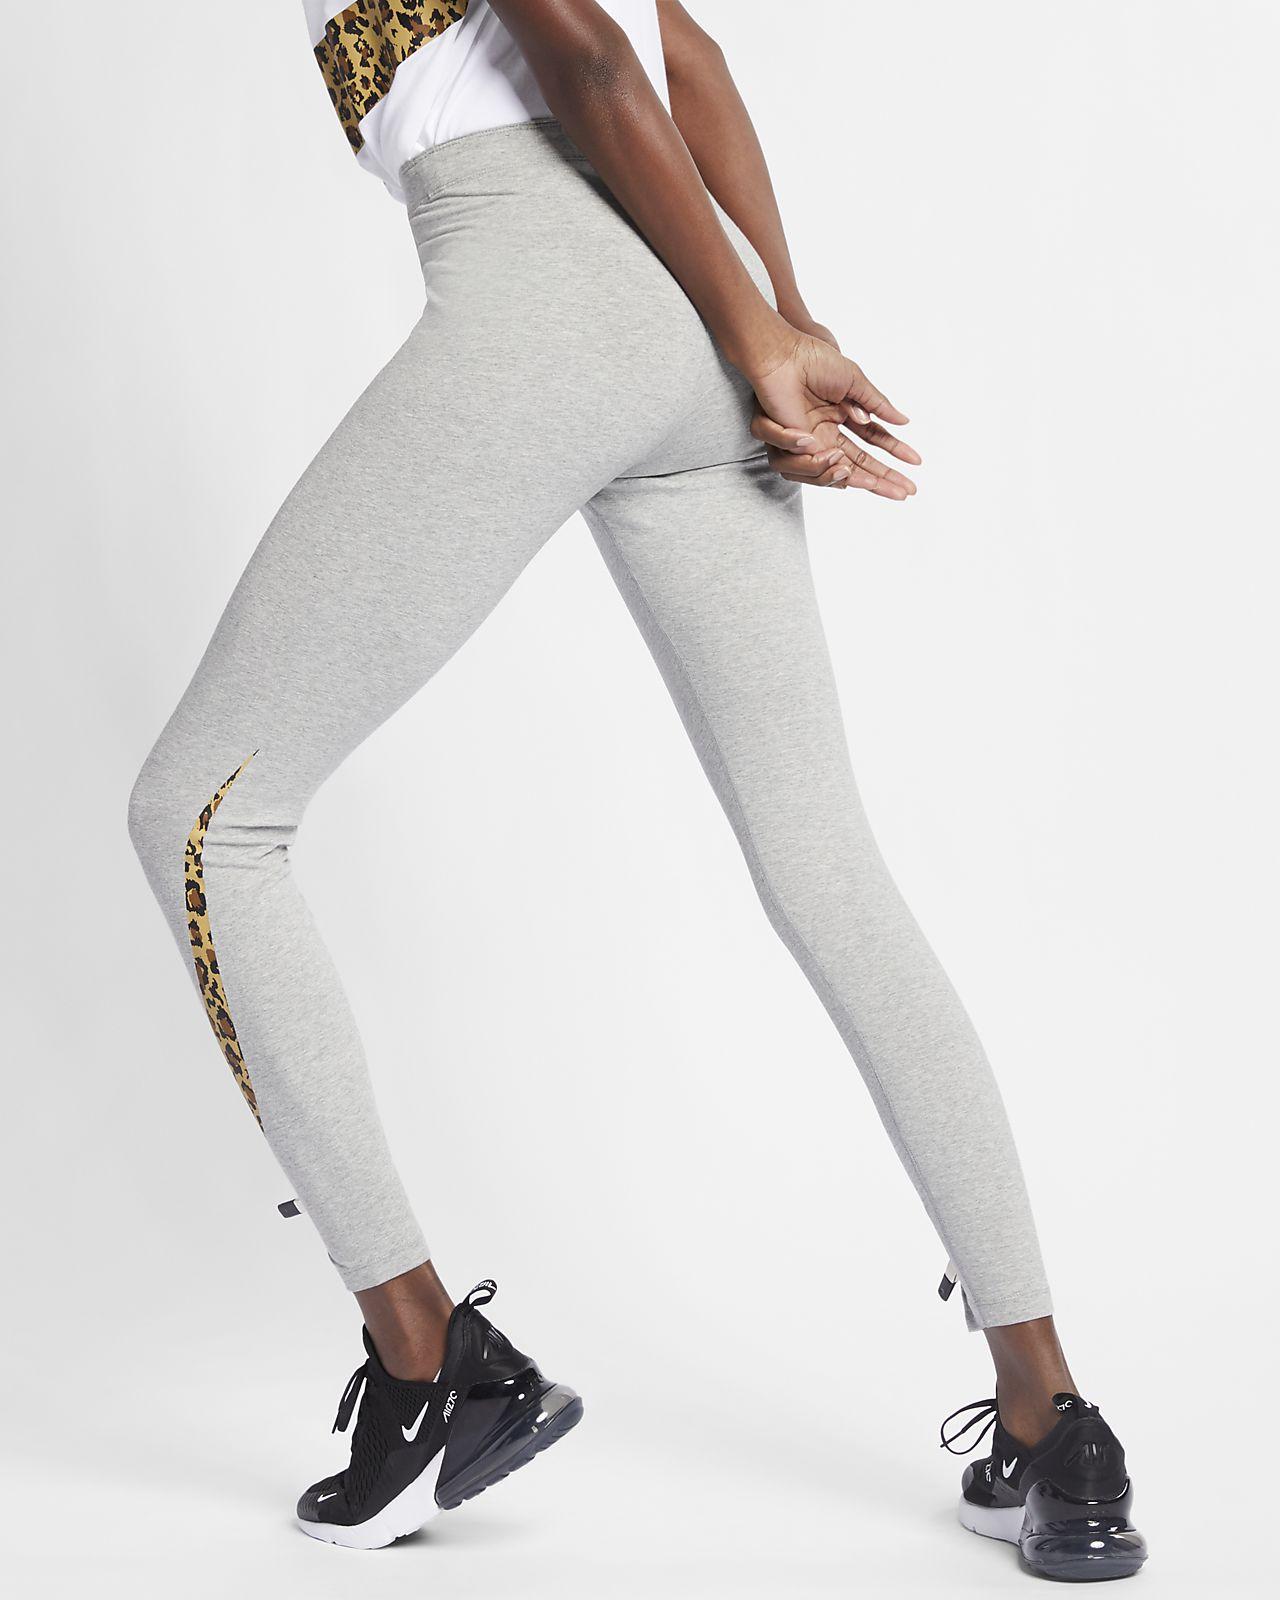 a924b8ac38 Nike Sportswear Women's Animal Leggings